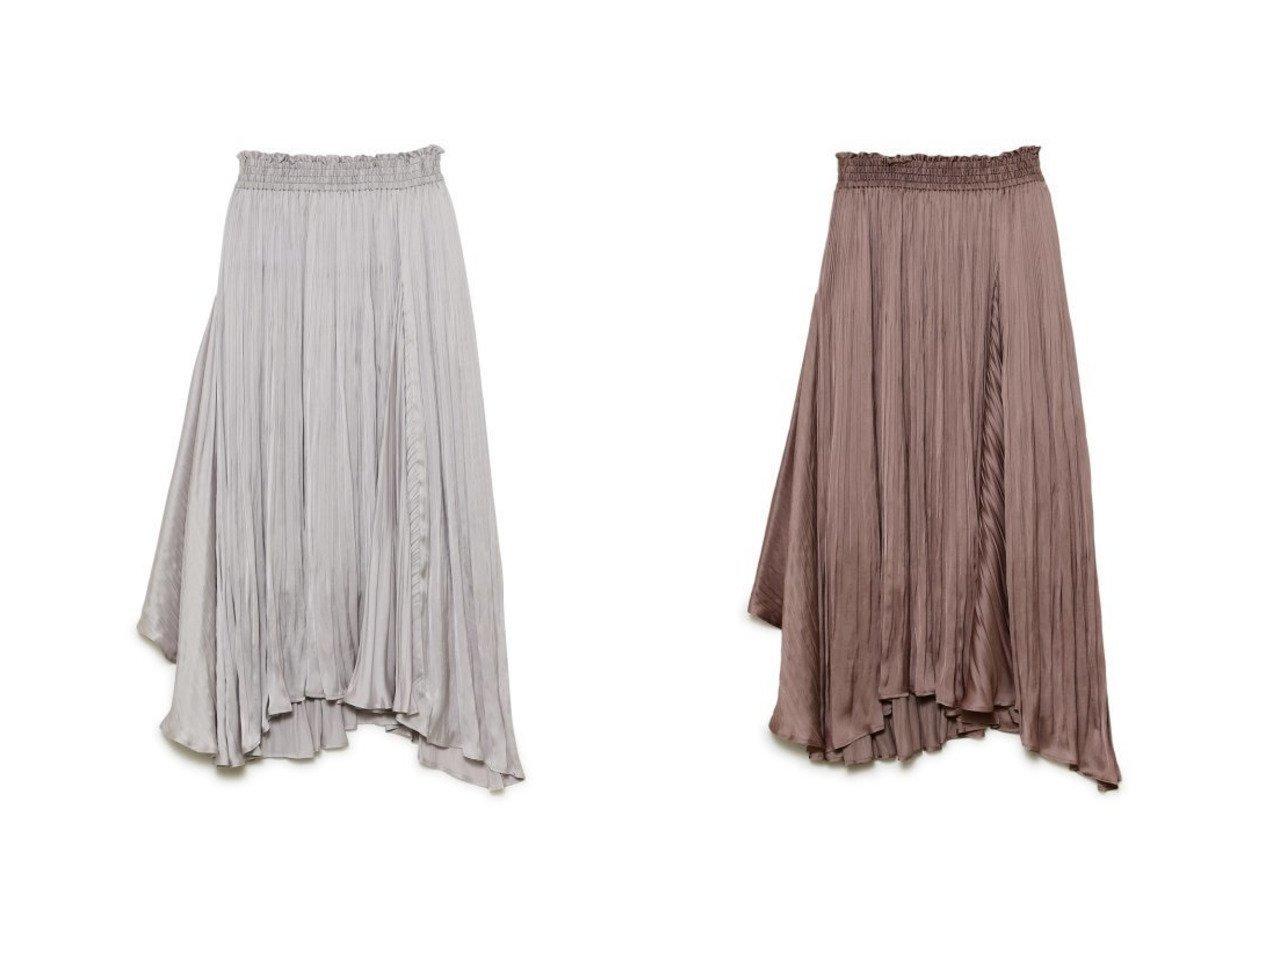 【FRAY I.D/フレイ アイディー】のアシメロングプリーツSK スカートのおすすめ!人気、トレンド・レディースファッションの通販  おすすめで人気の流行・トレンド、ファッションの通販商品 メンズファッション・キッズファッション・インテリア・家具・レディースファッション・服の通販 founy(ファニー) https://founy.com/ ファッション Fashion レディースファッション WOMEN スカート Skirt スマート プリーツ 再入荷 Restock/Back in Stock/Re Arrival |ID:crp329100000009741